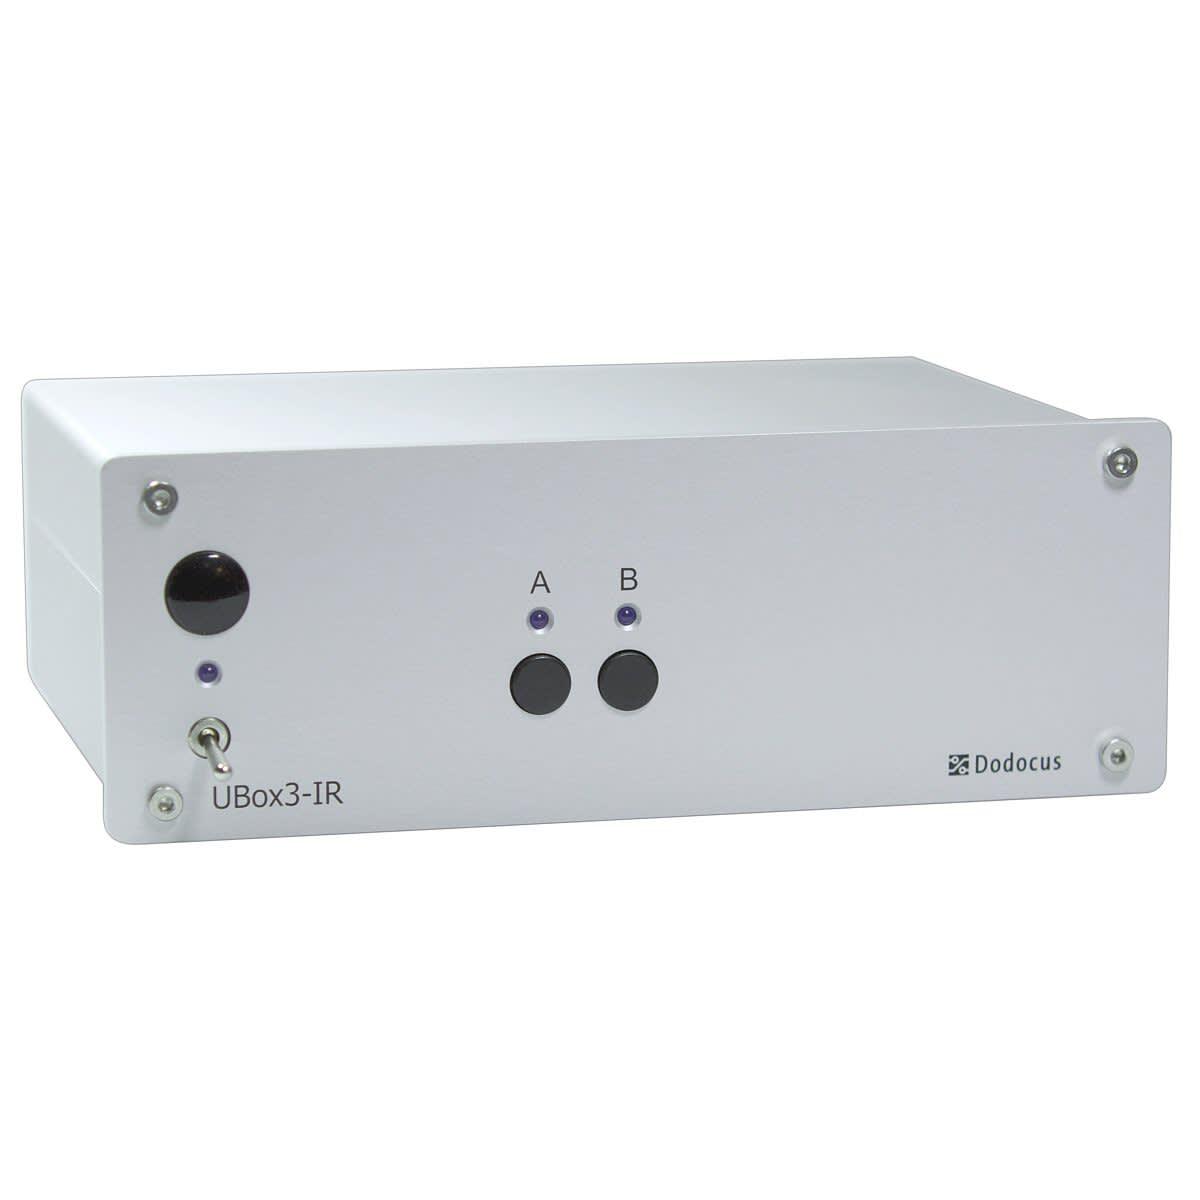 ✅ Dodocus UBox3-IR Lautsprecher-Umschalter mit Fernbedienung